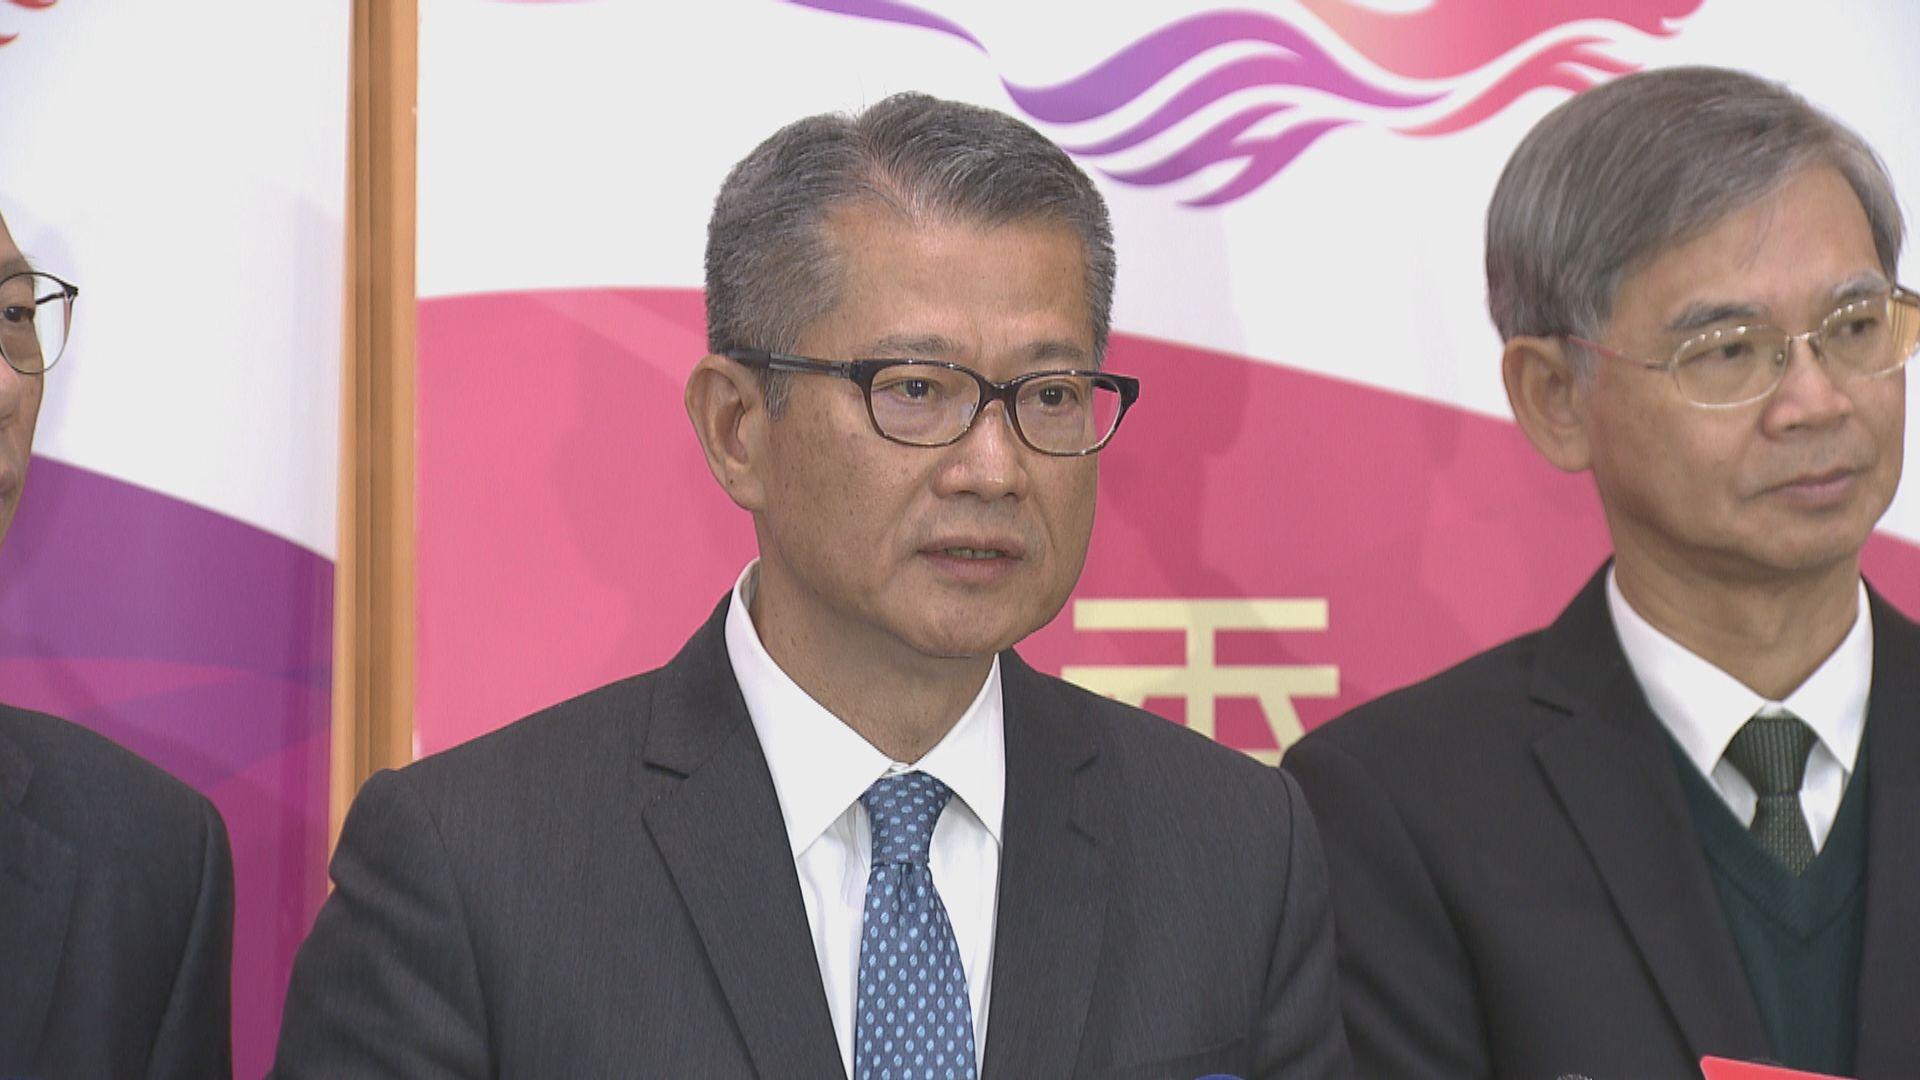 陳茂波:經濟衰退壓力下會增加政府開支